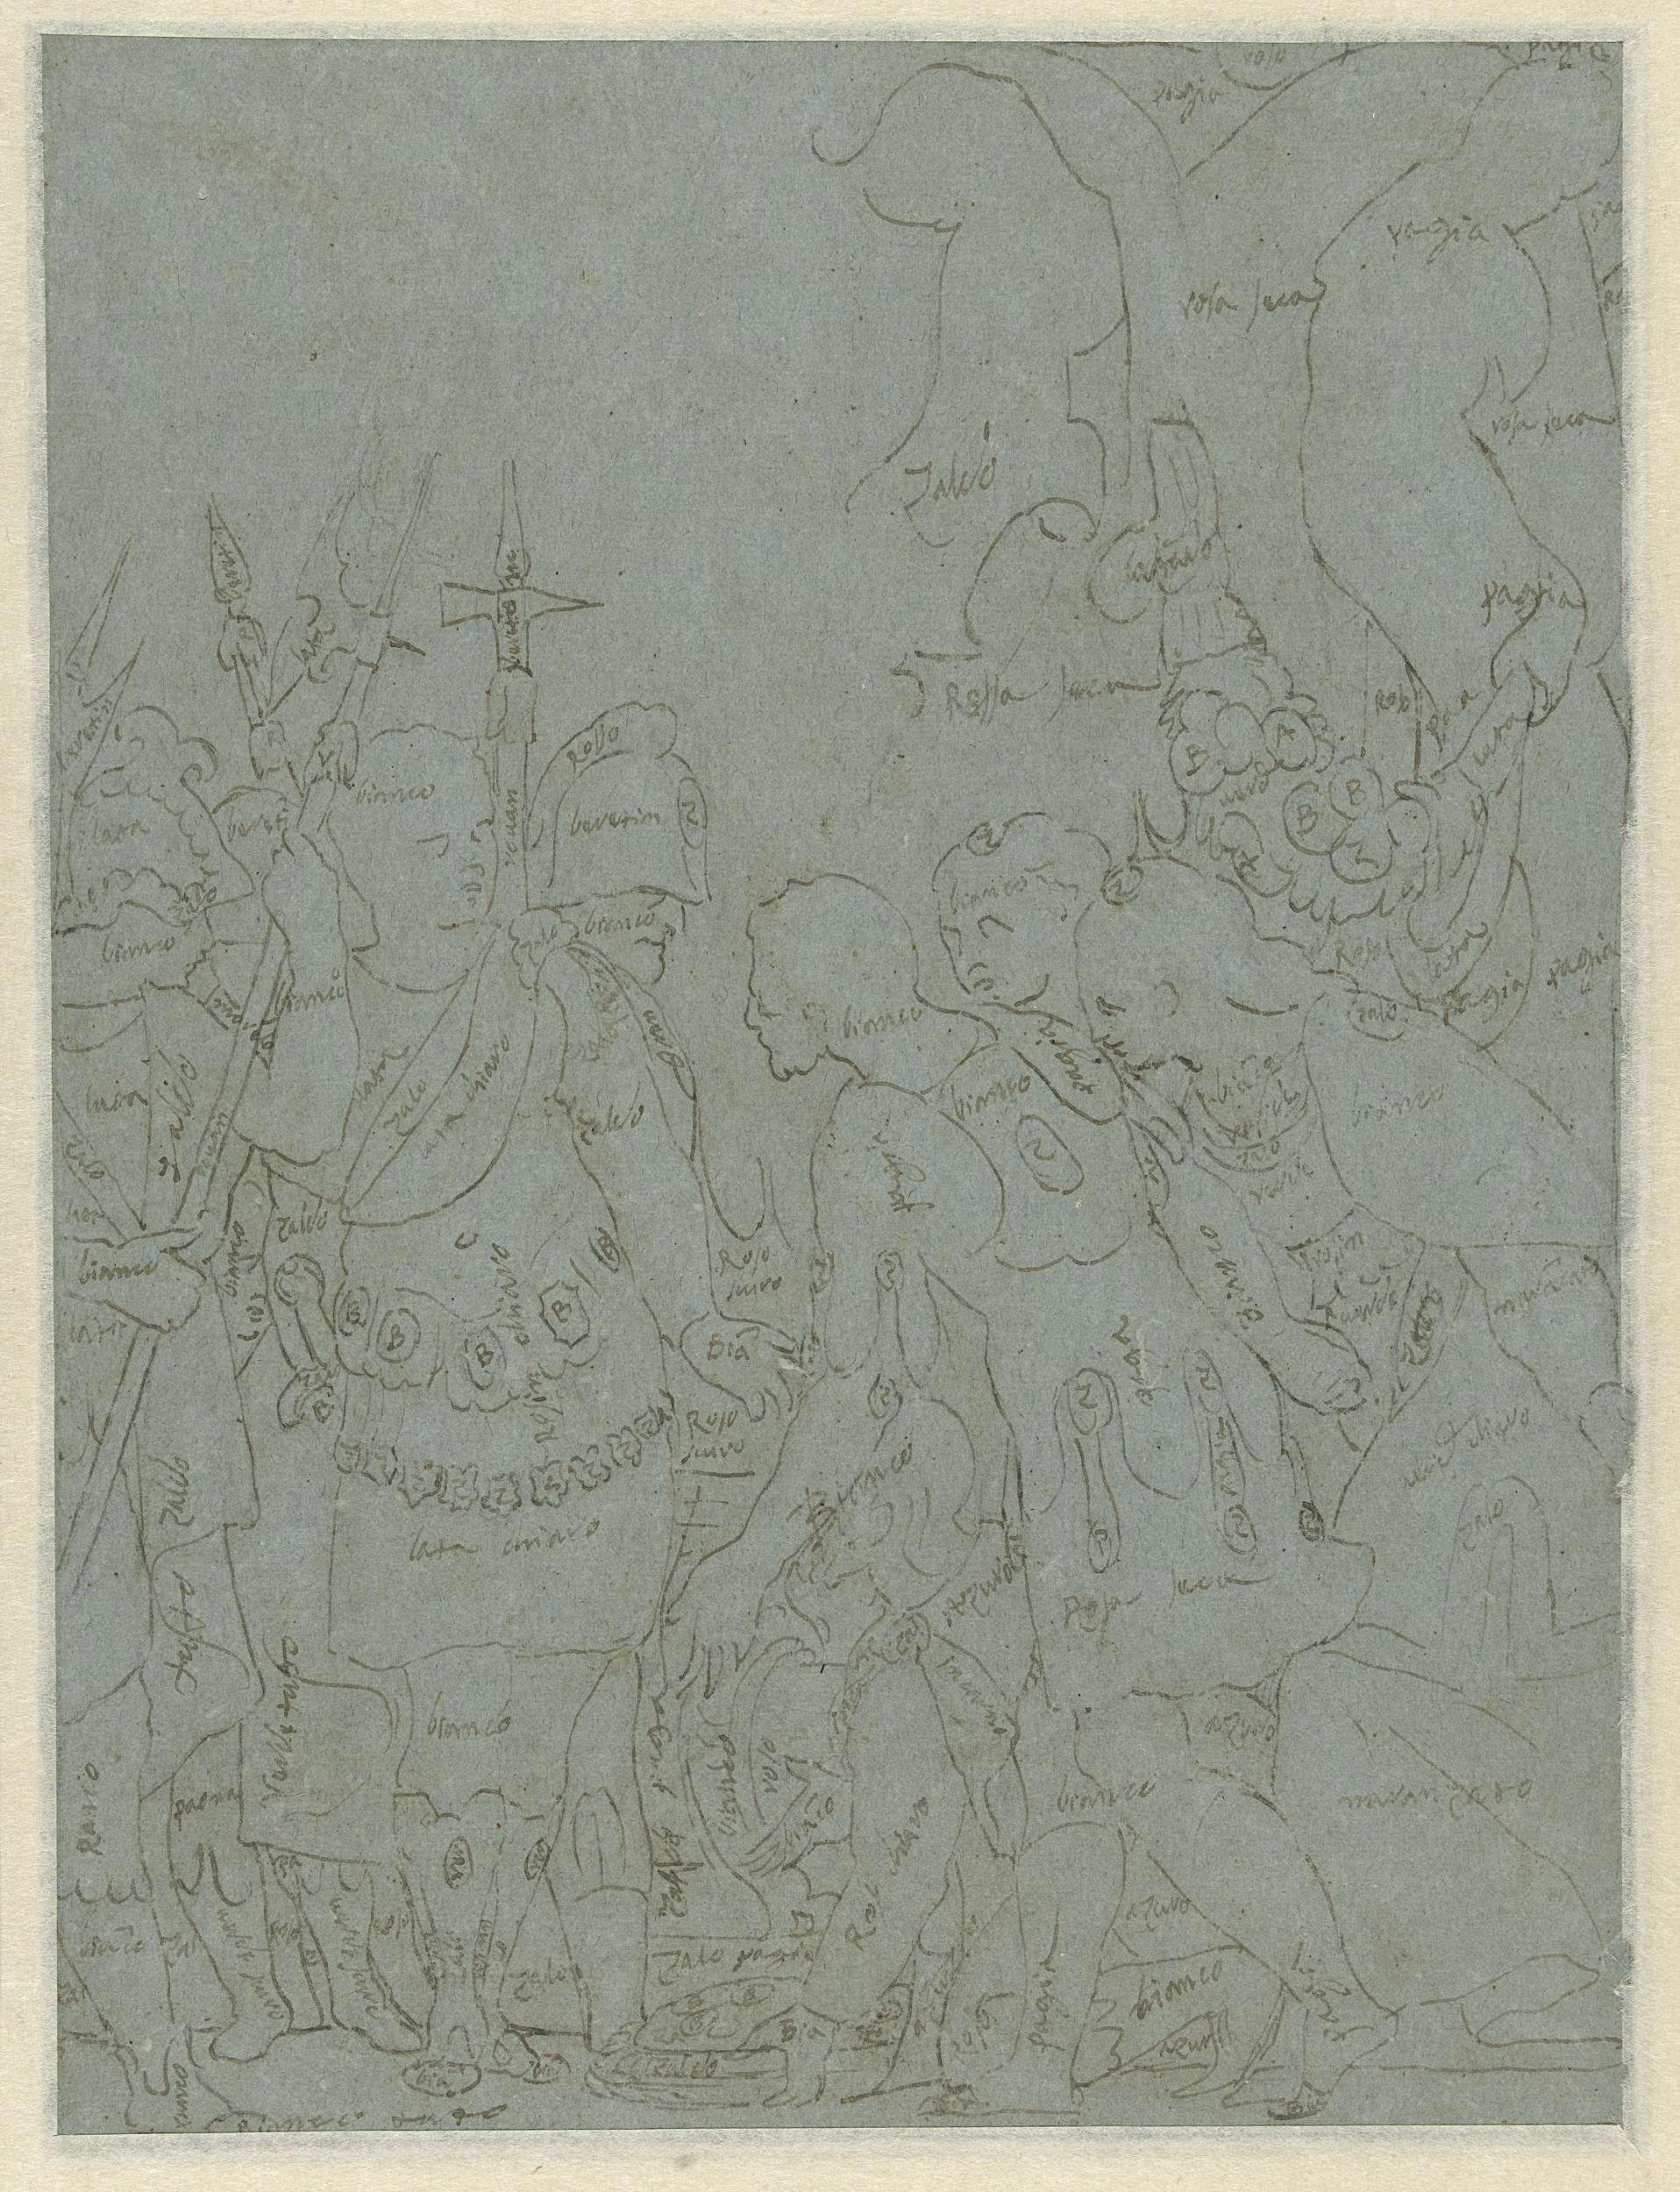 Benedetto Caliari | Contouren van De grootmoedigheid van Scipio, Benedetto Caliari, 1550 - 1598 |